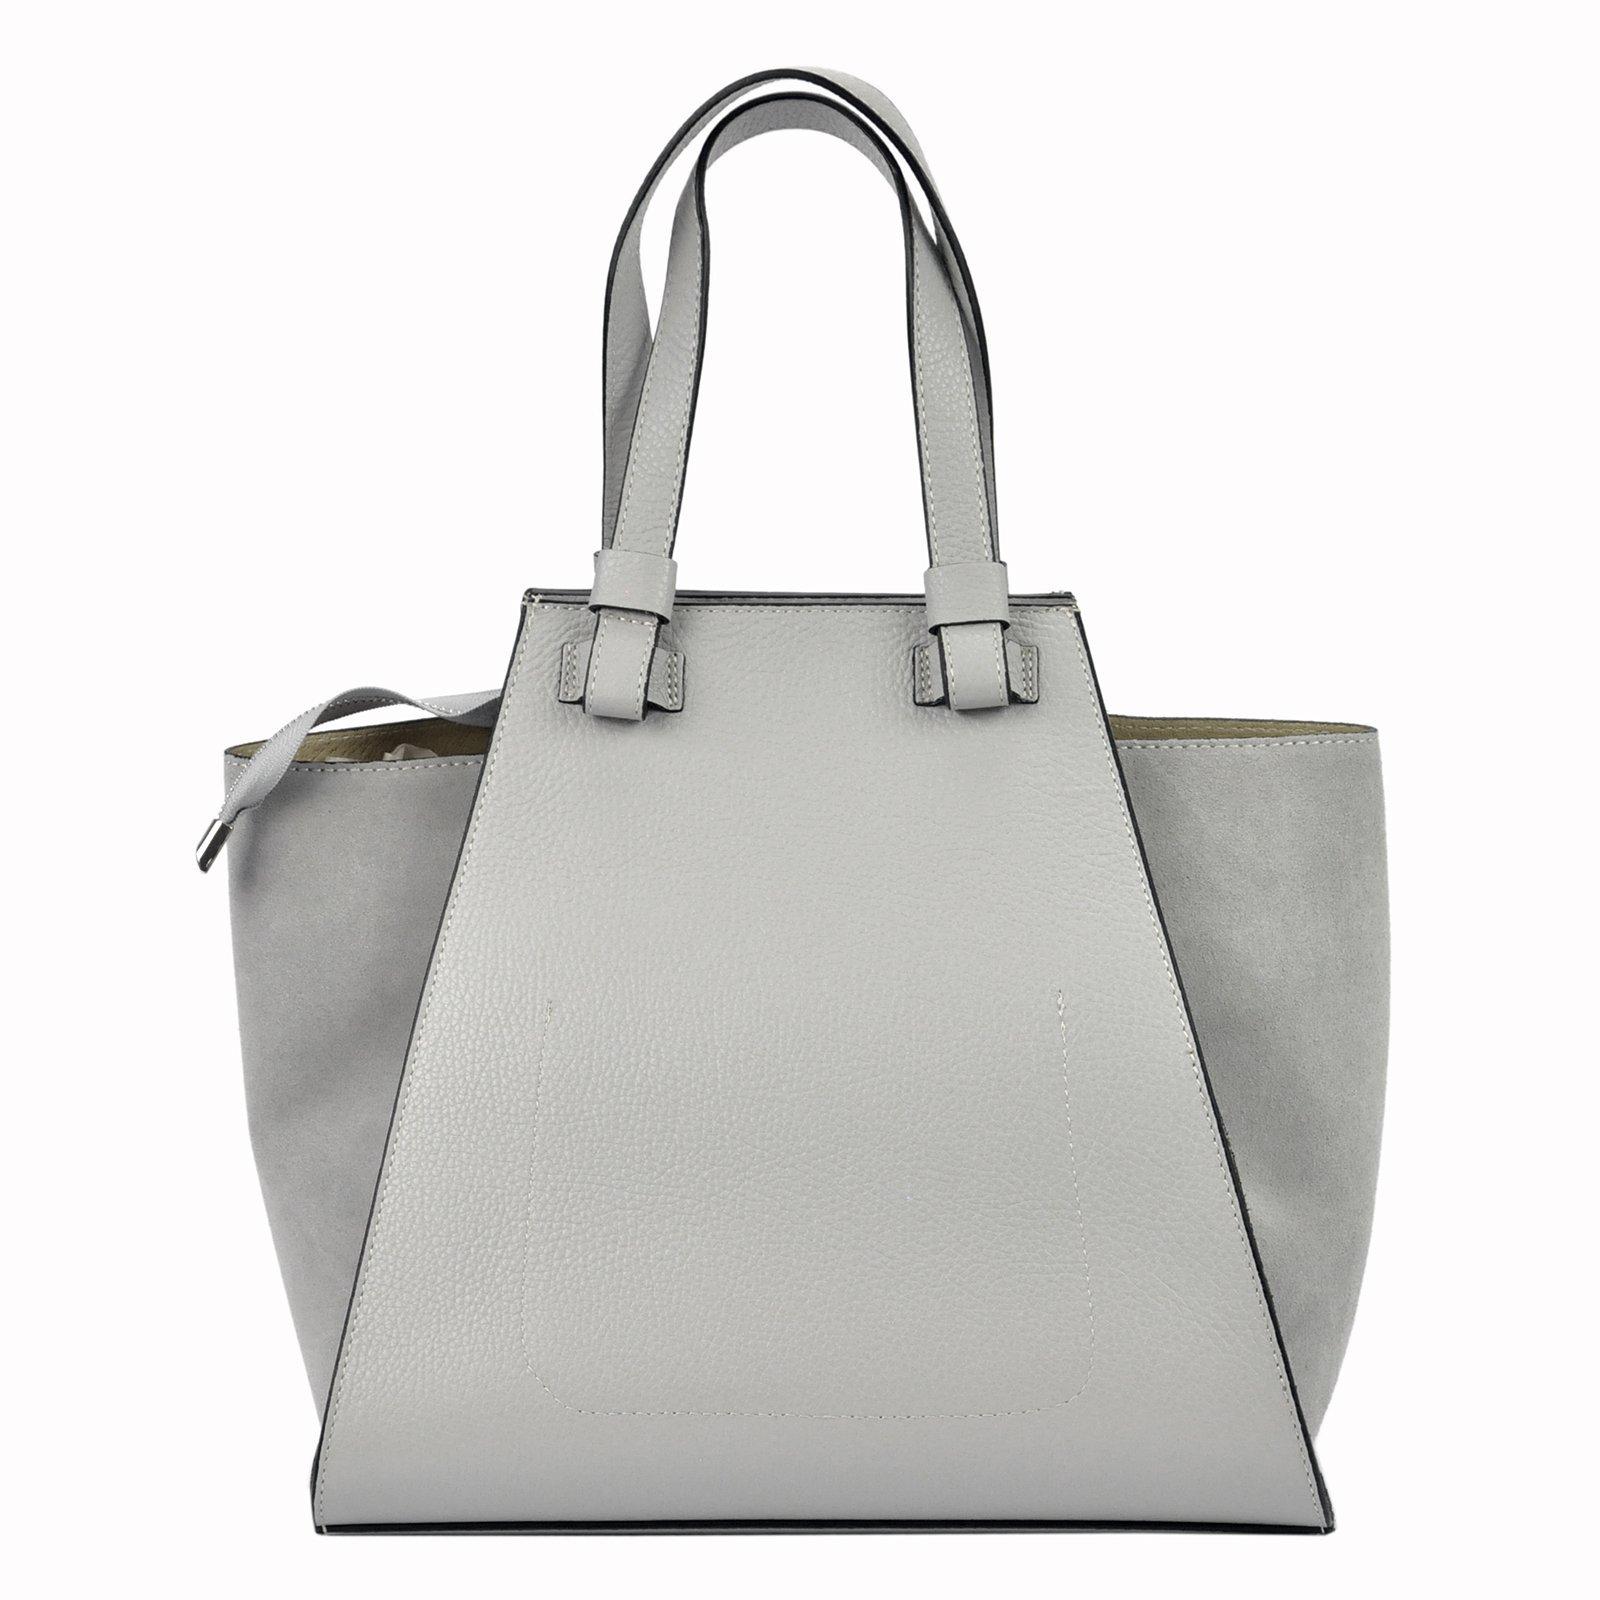 0c01d4c2baa8d Torebka damska skóra naturalna shopper bag zamsz - MB CLASSIC BAG